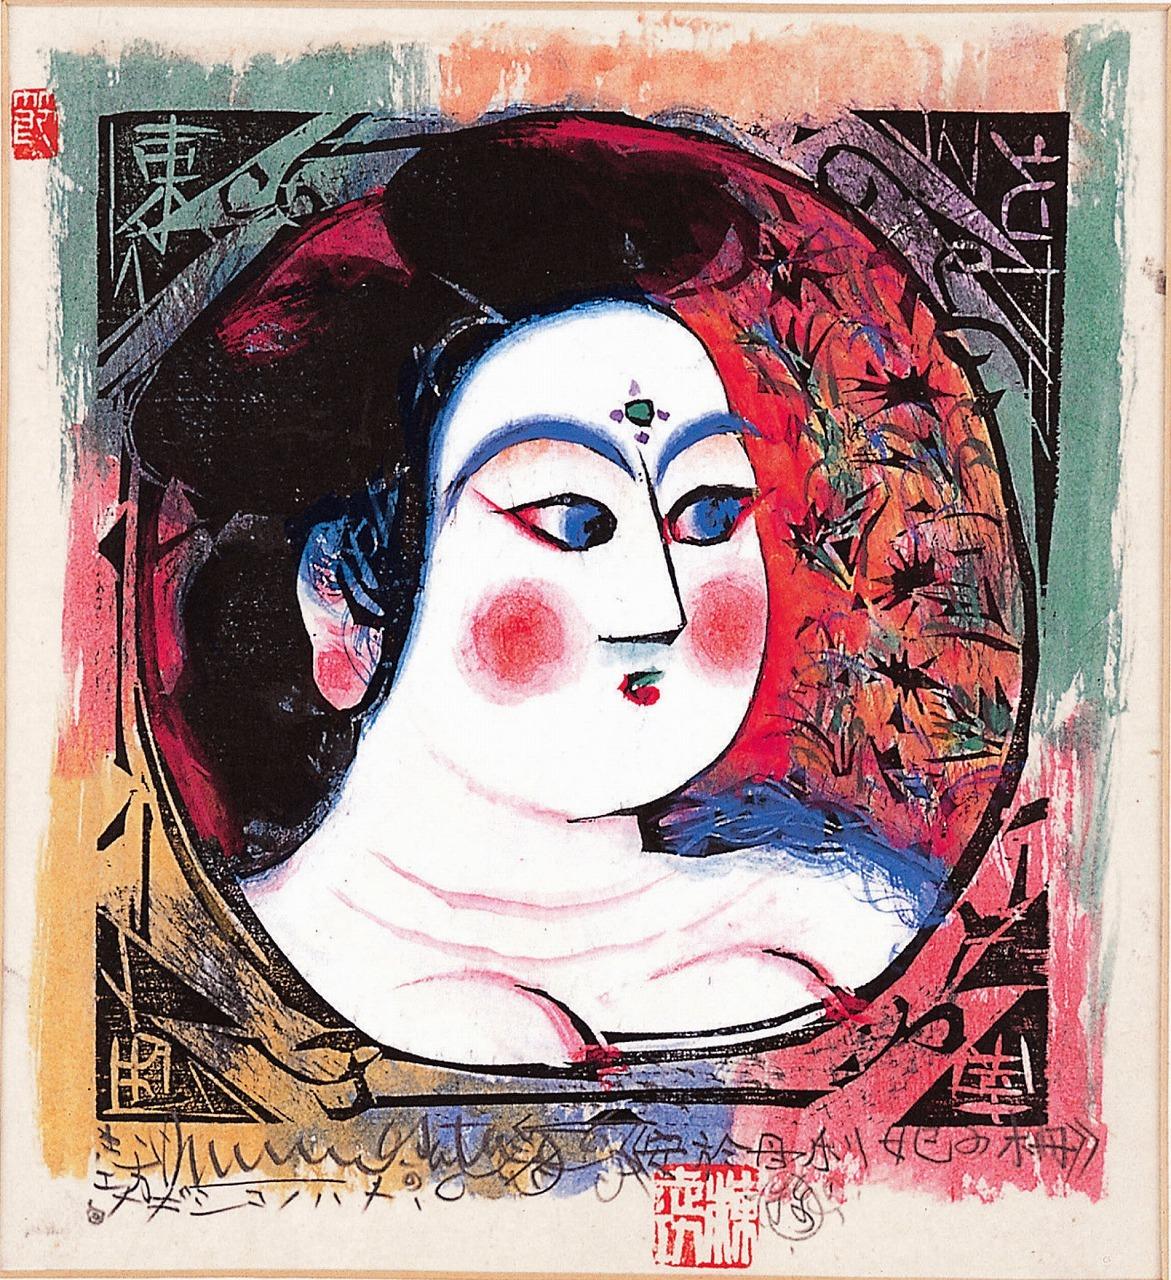 門世の柵 板画 1968年 棟方志功記念館蔵